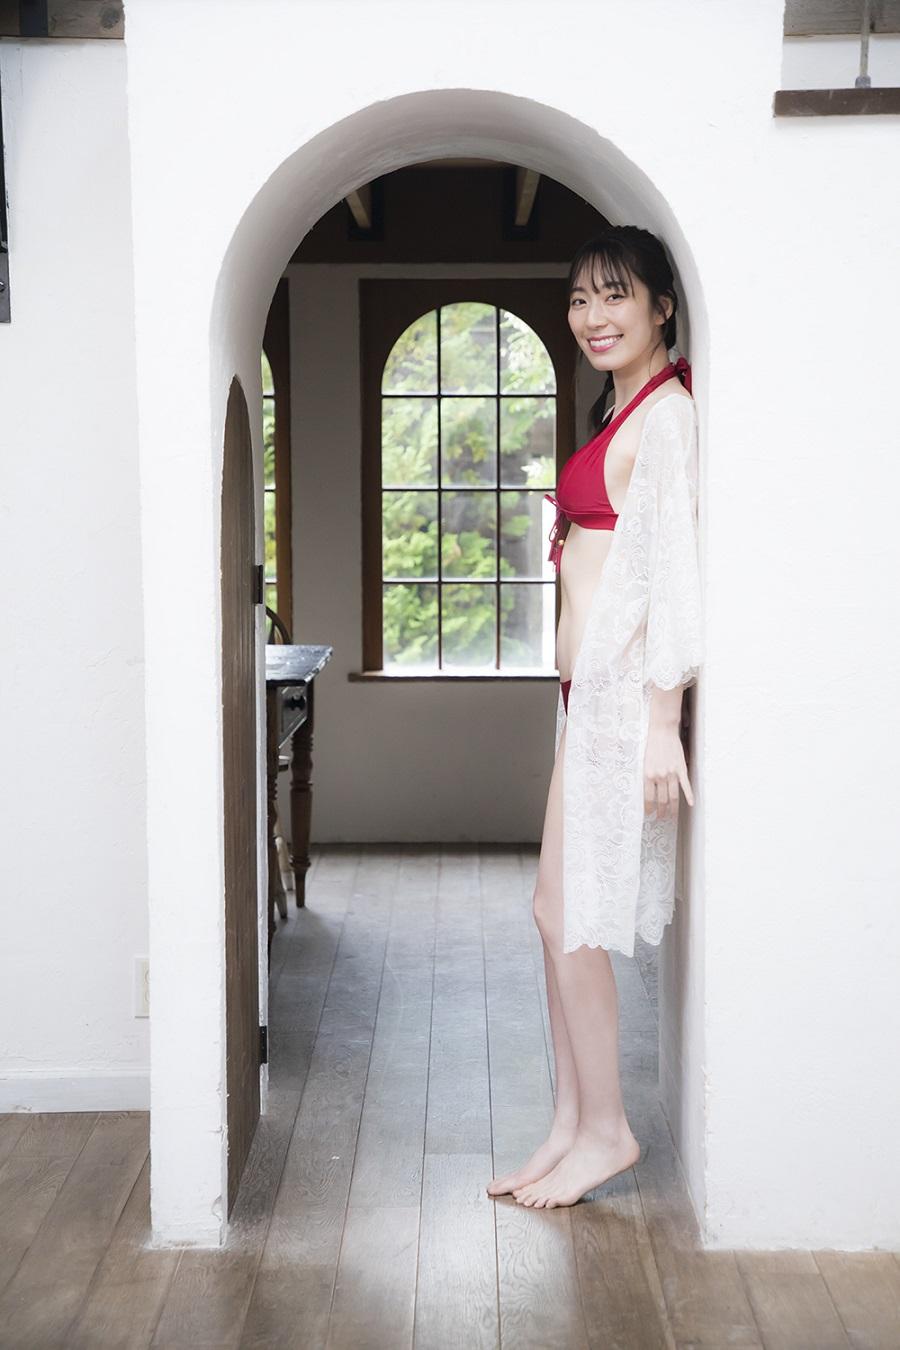 写真は、壁際に立って笑顔を向ける松井咲子さん (C)KADOKAWA  (C)MATSUI SAKIKO  (C)SOMEDAY  PHOTO/TANAKA TOMOHISA